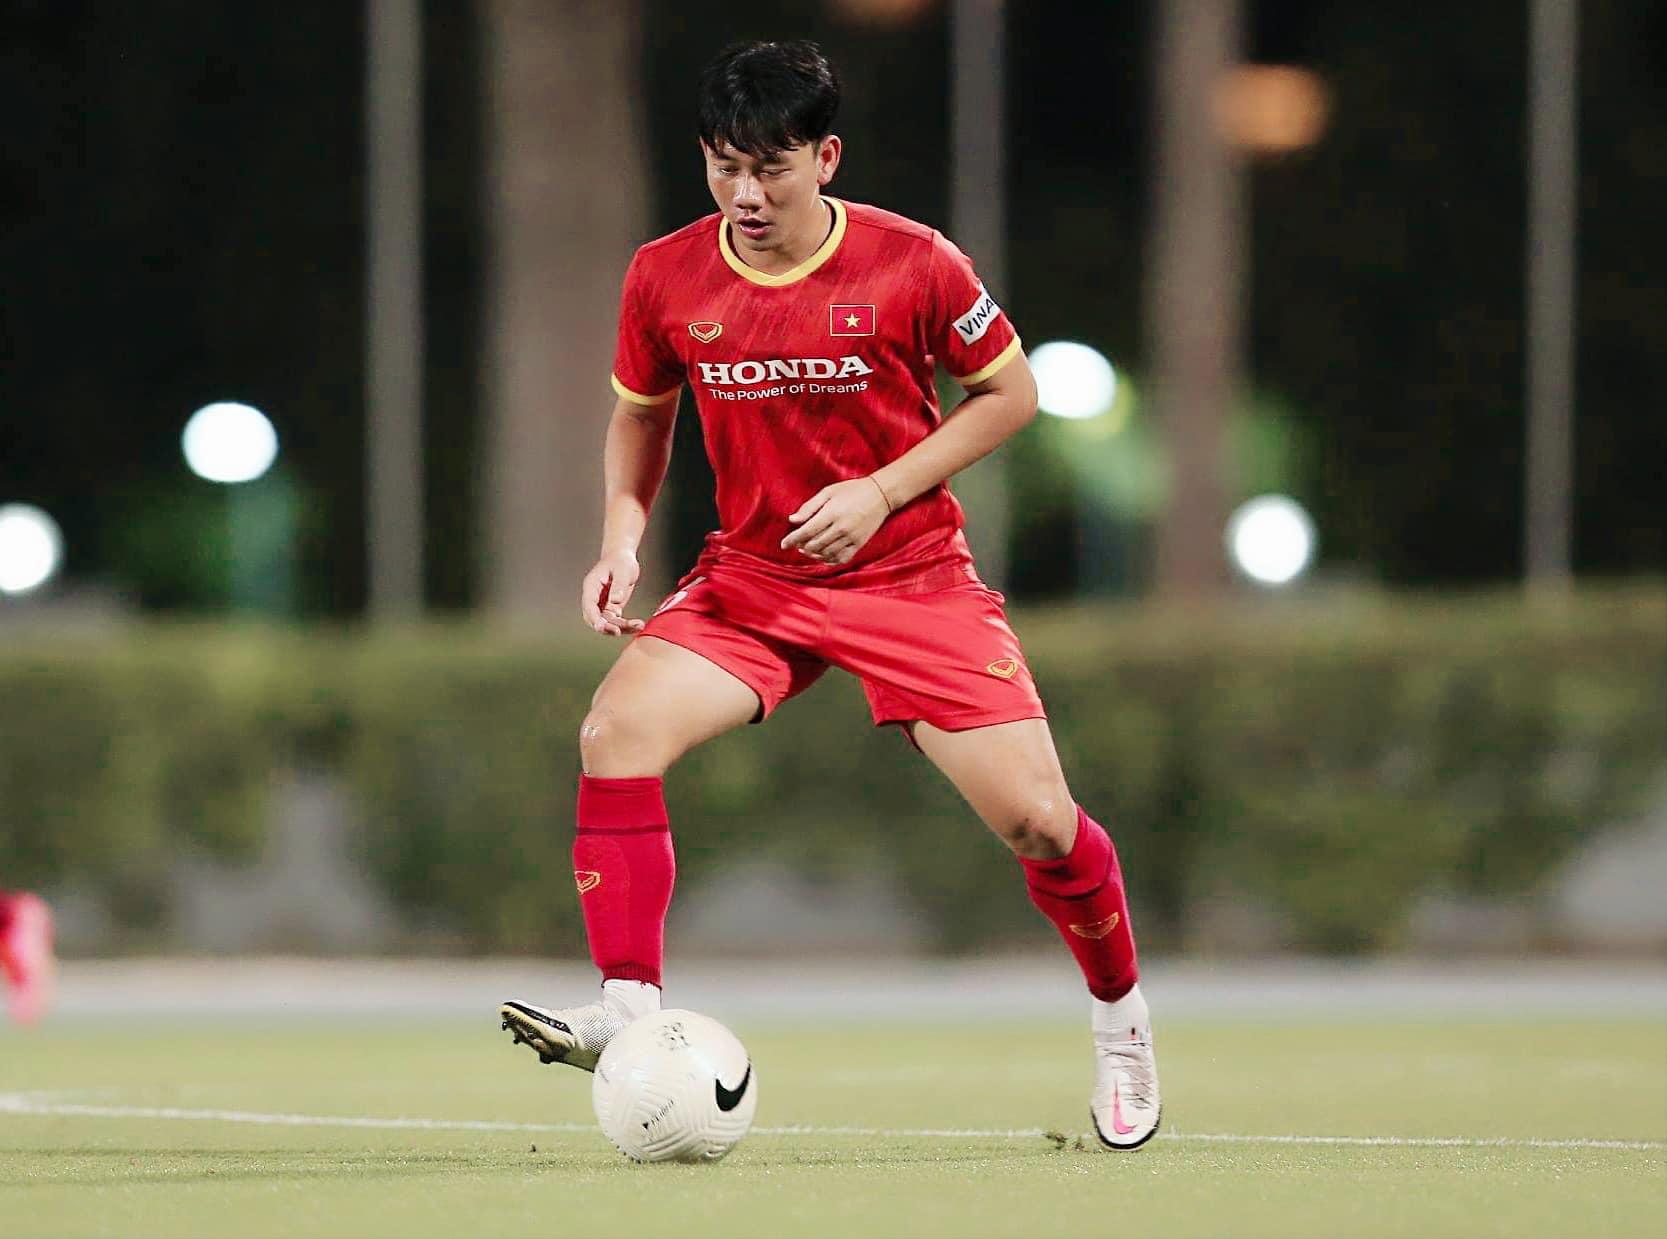 Minh Vương vào sân ở hiệp thứ hai của trận đấu khi Việt Nam đang gặp khó khăn, bị dẫn trước 3 bàn. Minh Vương vụt sáng ở cuối hiệp hai khi có màn kiến tạo để Tiến Linh ghi bàn. Những phút cuối bù giờ của trận đấu, anh có bàn thắng riêng cho mình bằng sự quyết liệt và quả cảm. Khi thủ môn UAE chuyền sai để Đức Huy cướp được. Anh đập nhả với Quang Hải rồi chuyền dọn cỗ cho Minh Vương. Minh Vương bấm bóng qua người thủ môn để rút ngắn tỷ số xuống còn 2-3. Bàn thắng được ví von xứng đáng đưa vào sách giáo khoa.